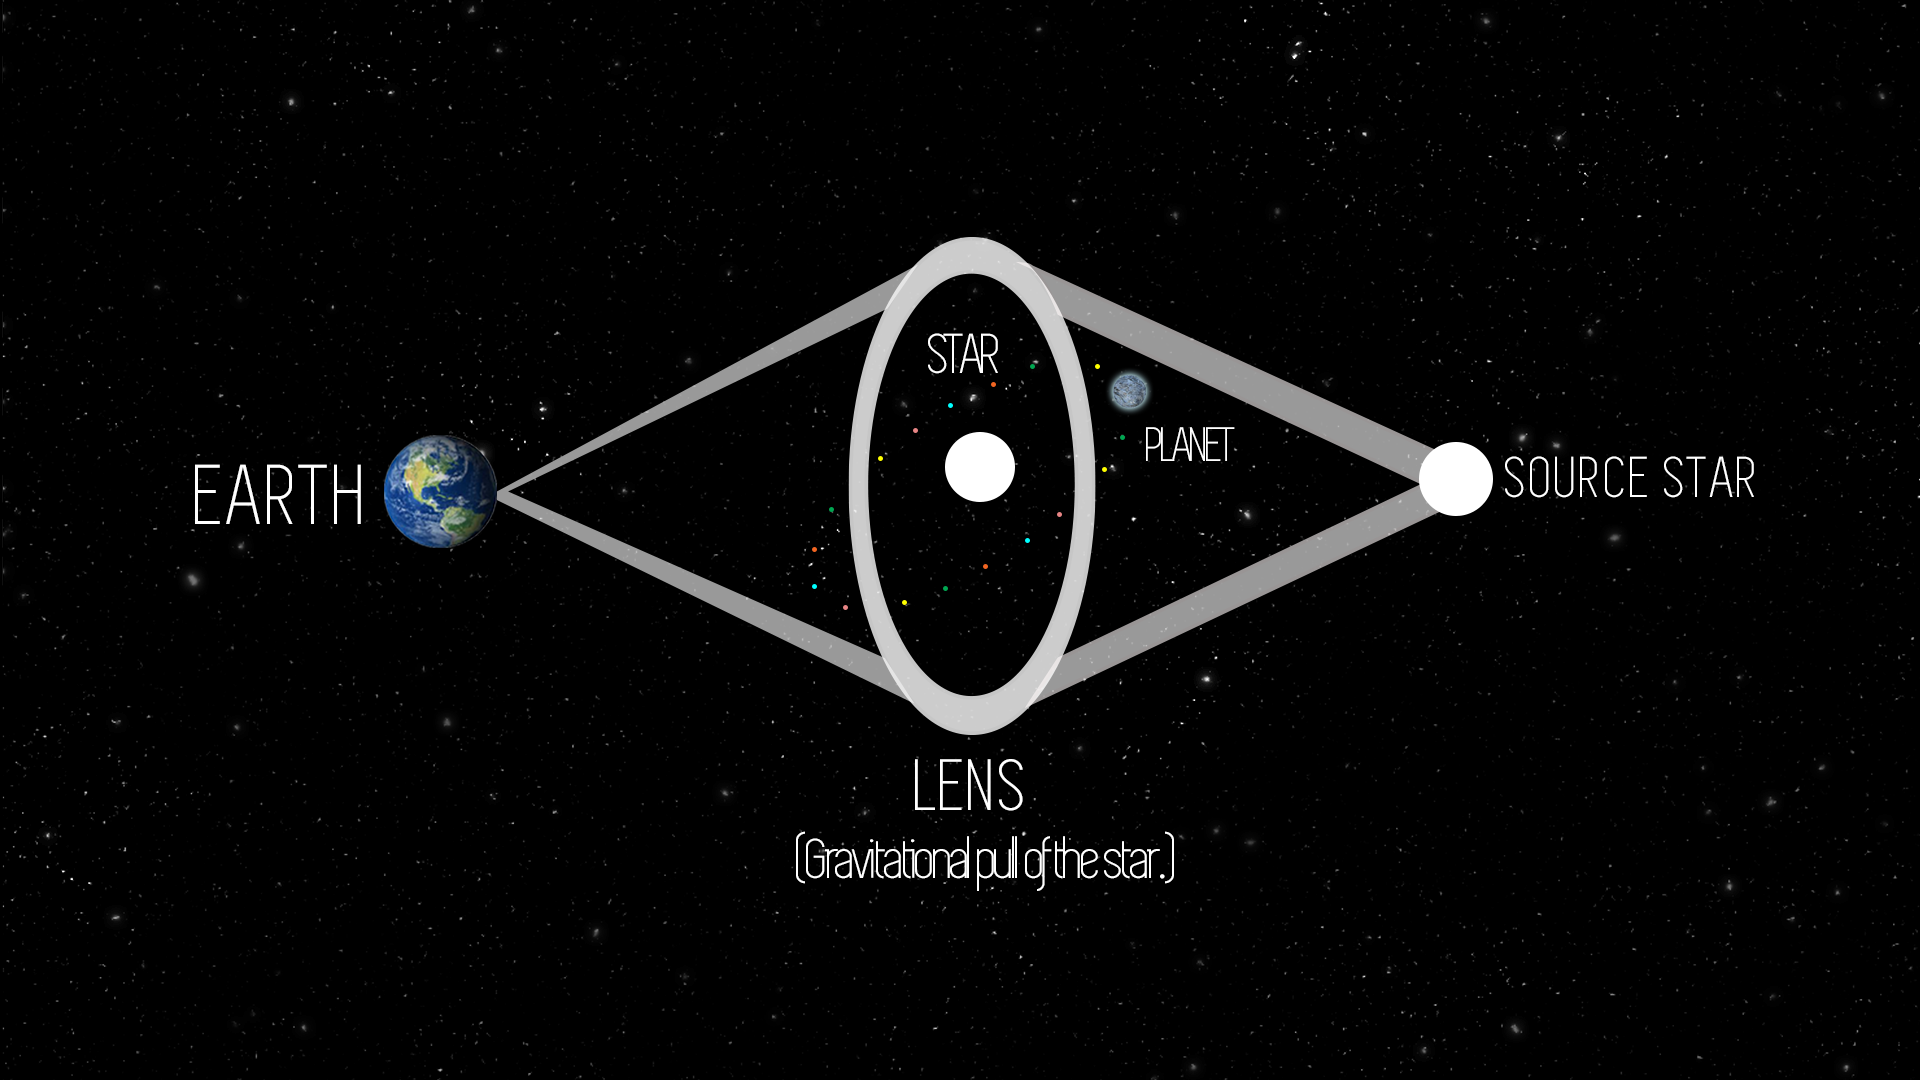 Einstein's gravitational microlensing.